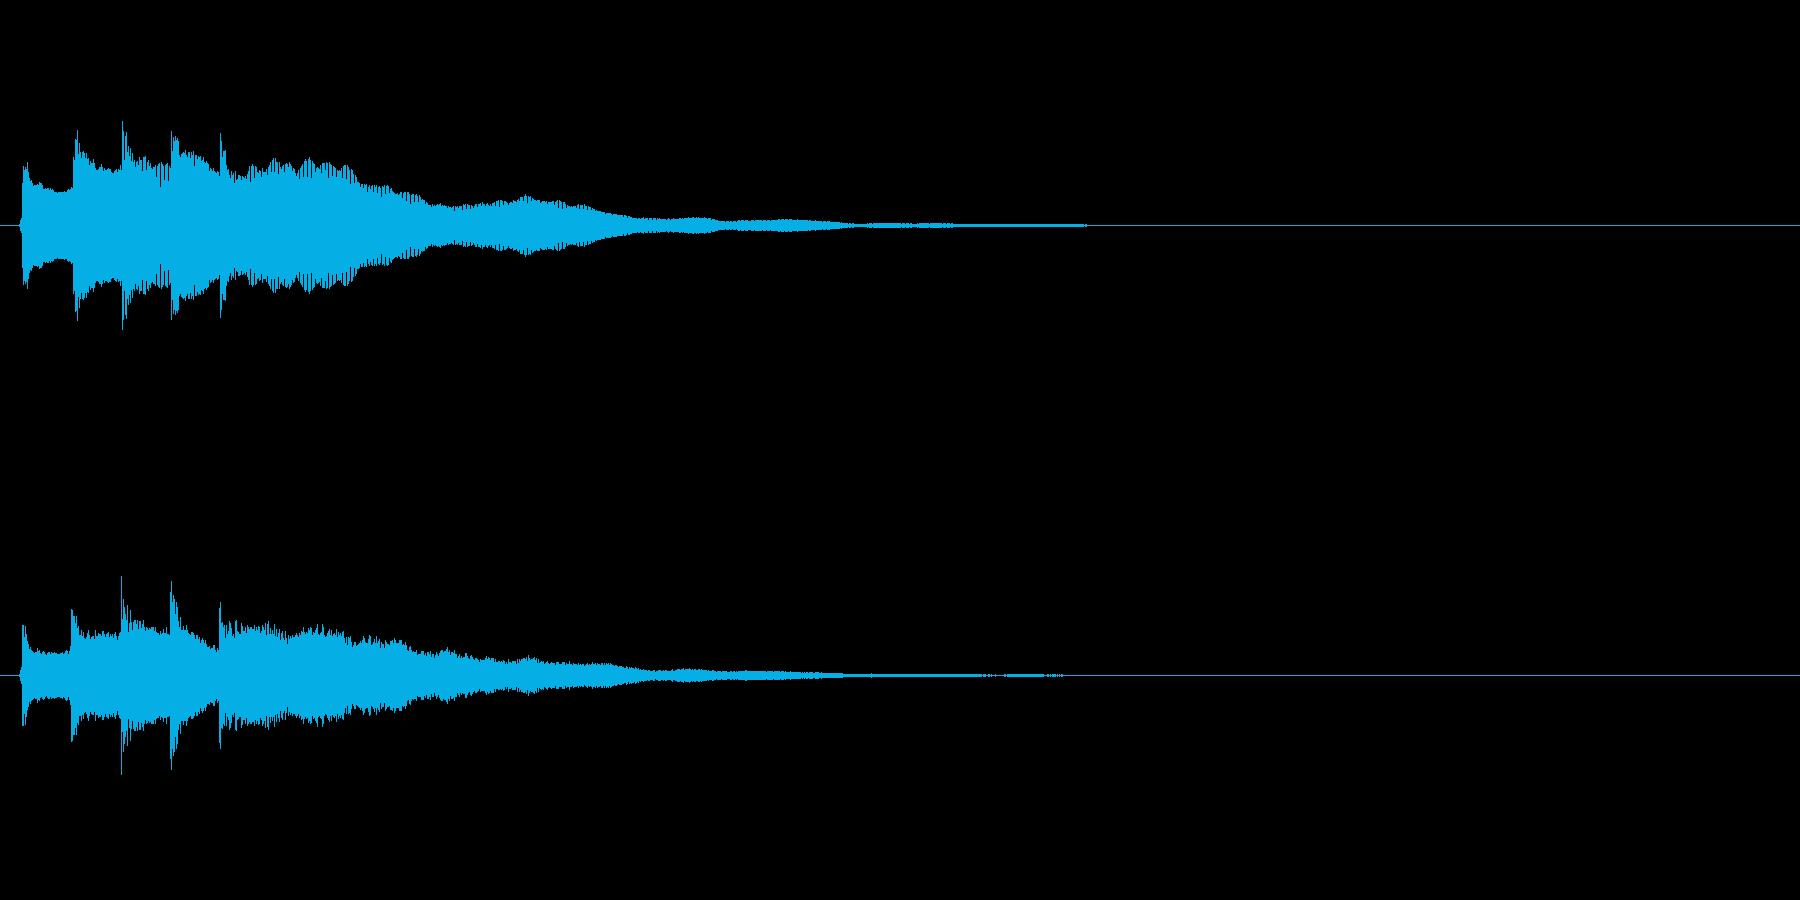 アイテム獲得やクイズで正解時の音の再生済みの波形